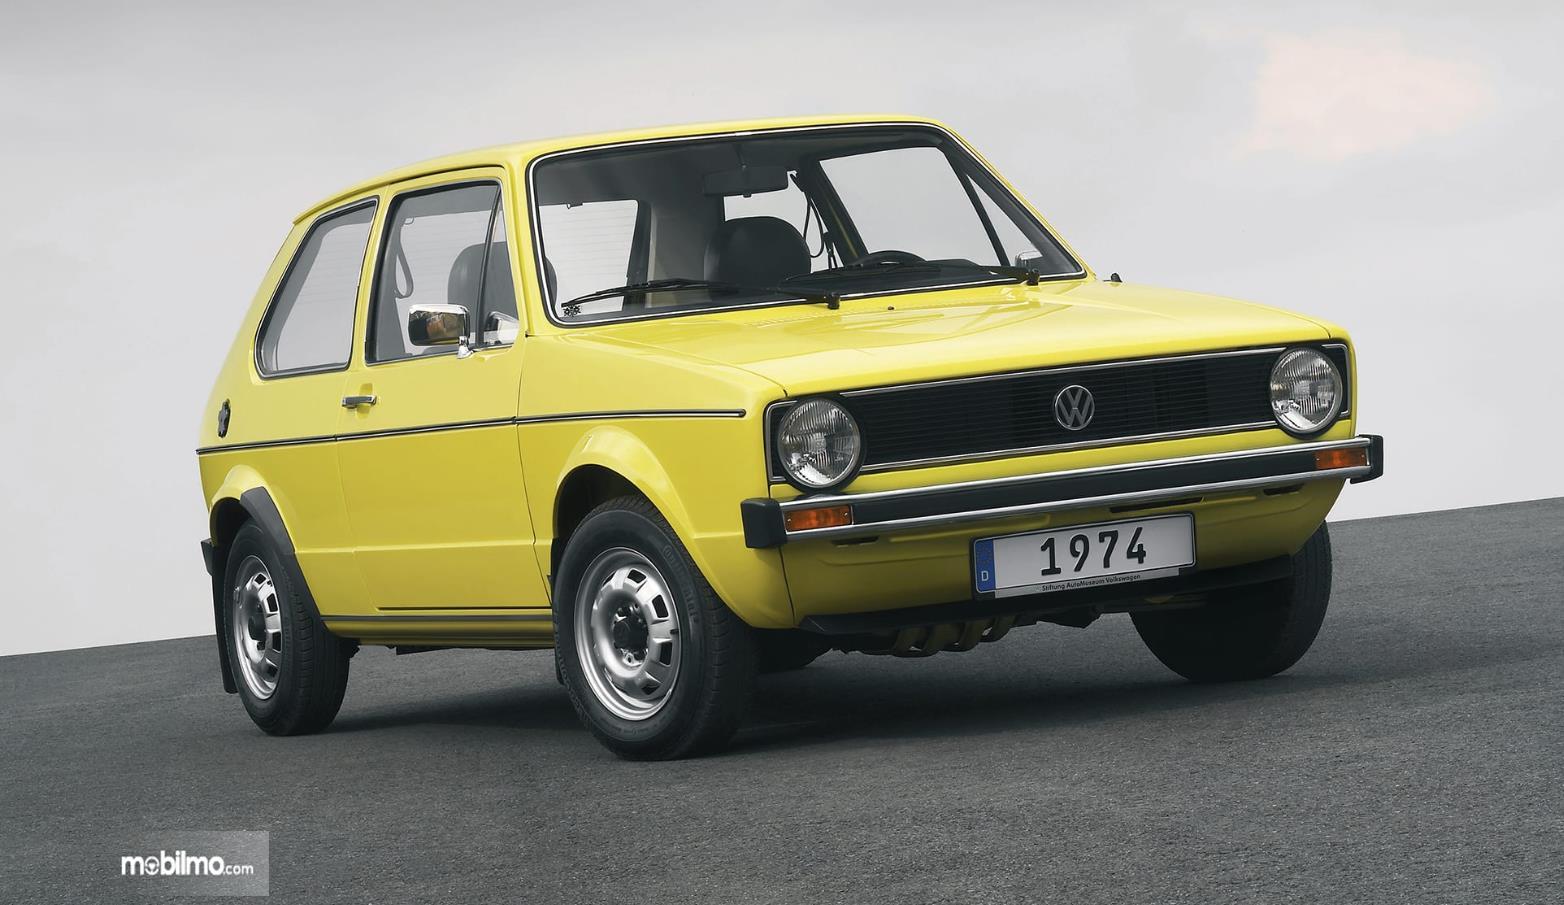 Foto VW Golf 1974 - generasi pertama dari VW Golf